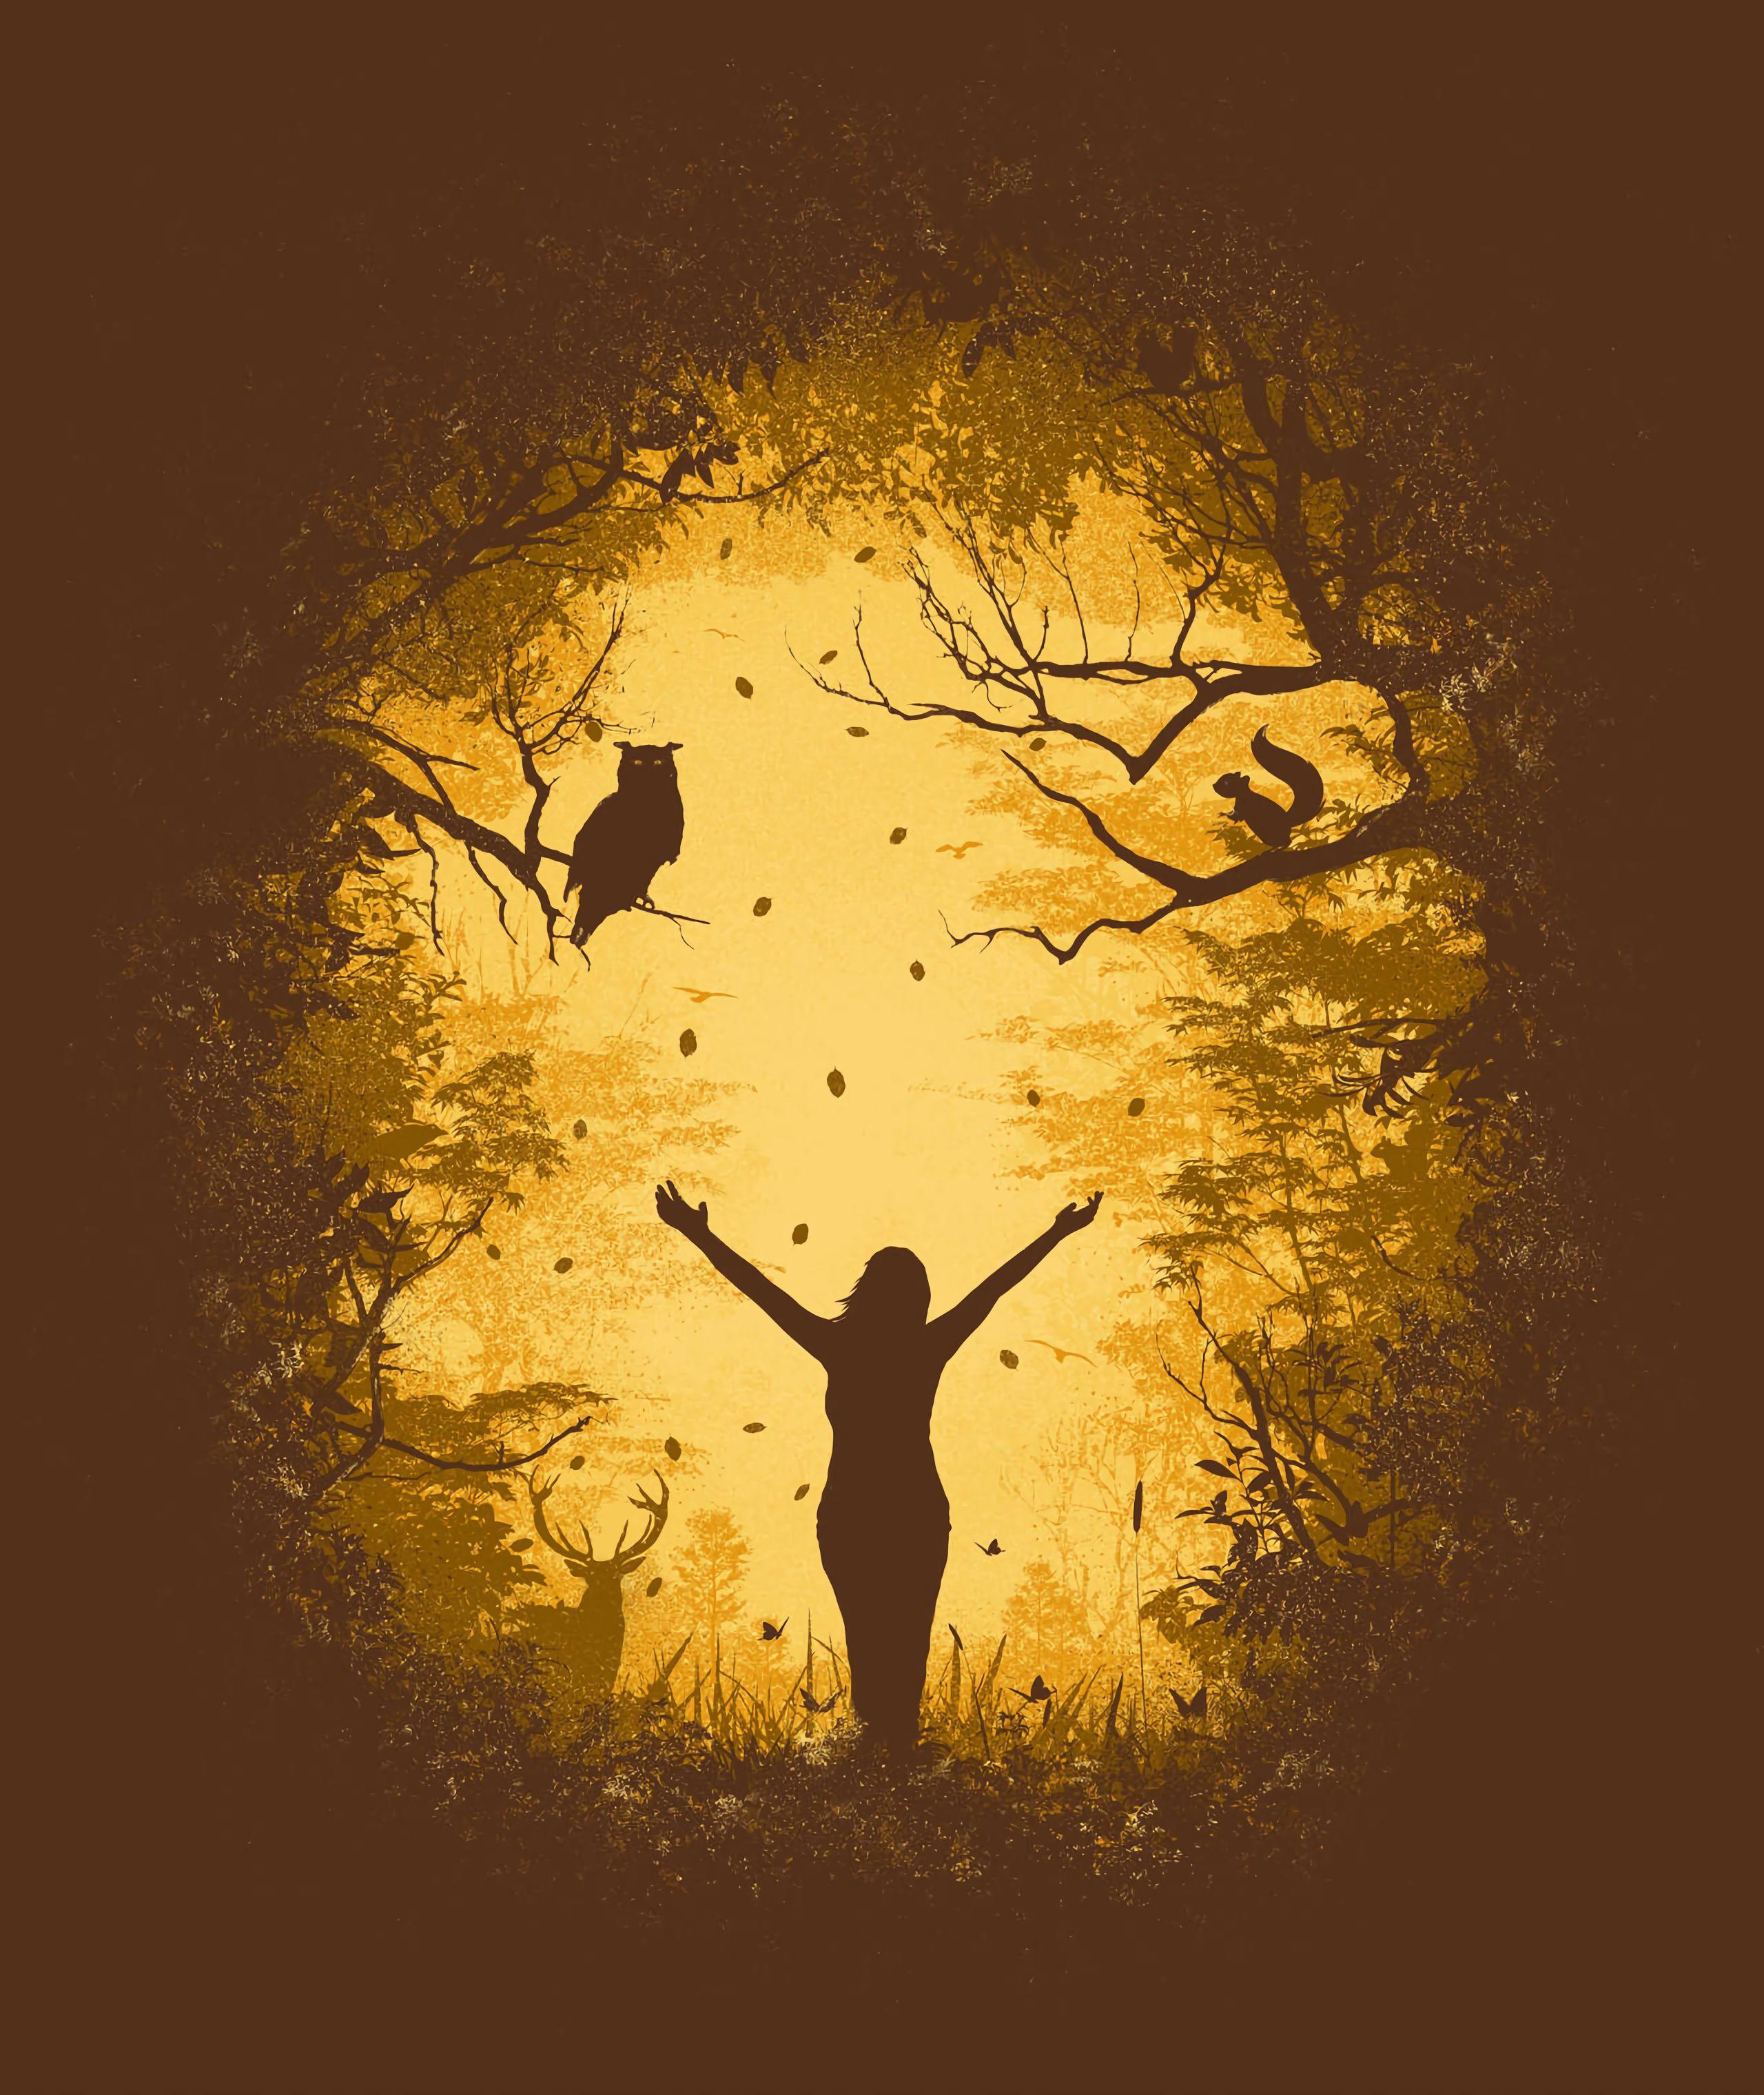 155884 Заставки и Обои Вектор на телефон. Скачать Вектор, Силуэты, Животные, Арт, Дикая Природа, Свобода картинки бесплатно